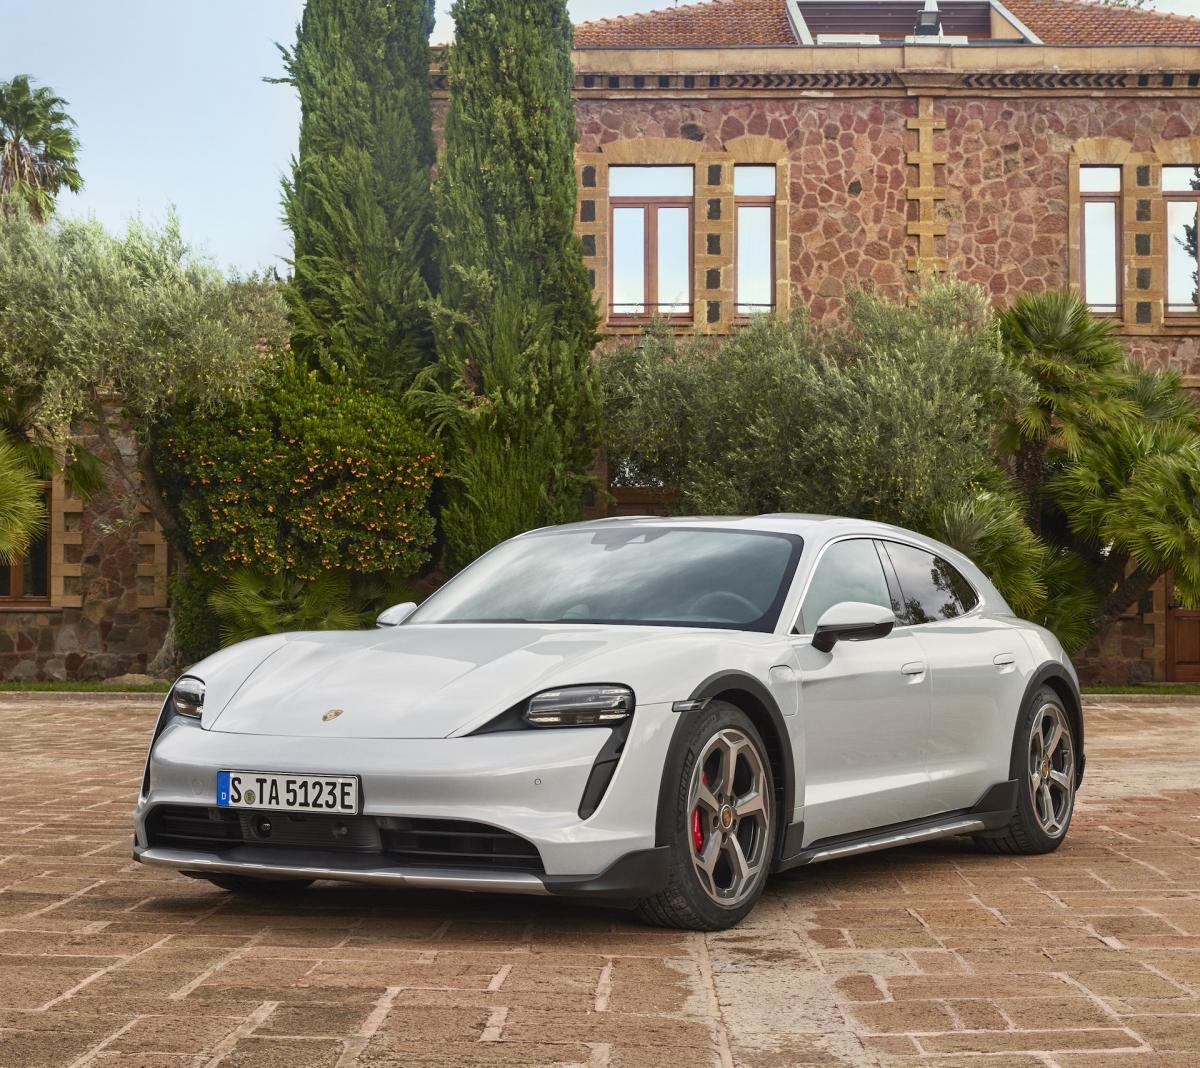 Porsche cung cấp cho xe bộ mâm đặc biệt với thiết kế mới đẹp mắt, kích thước 20 inch ở bánh trước và 21 inch ở bánh sau.